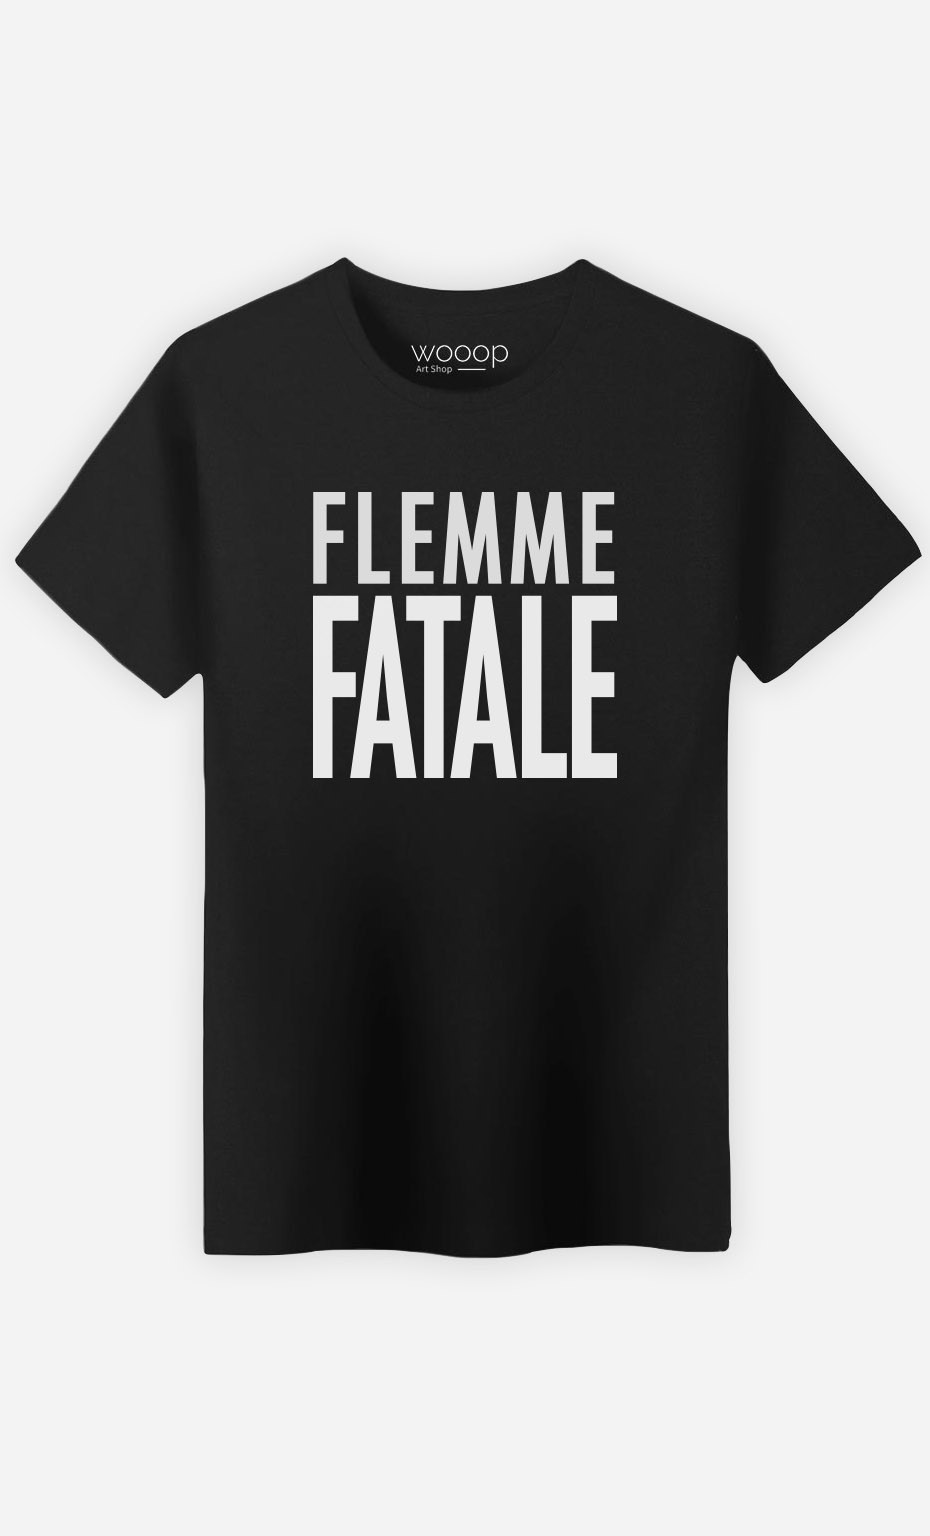 T-Shirt Homme Flemme Fatale